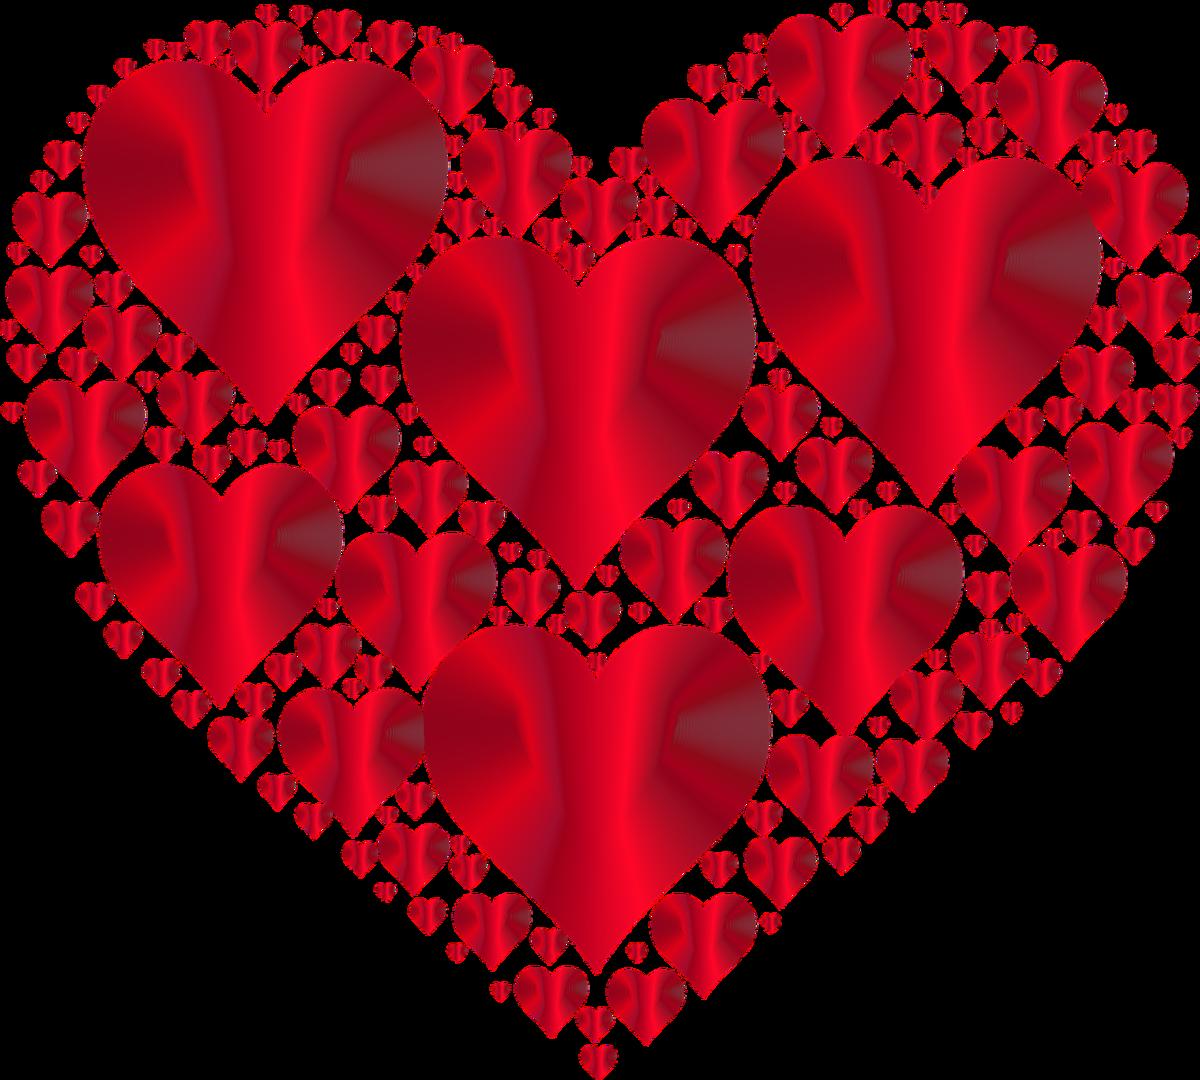 картинка большого сердца жванецкий был